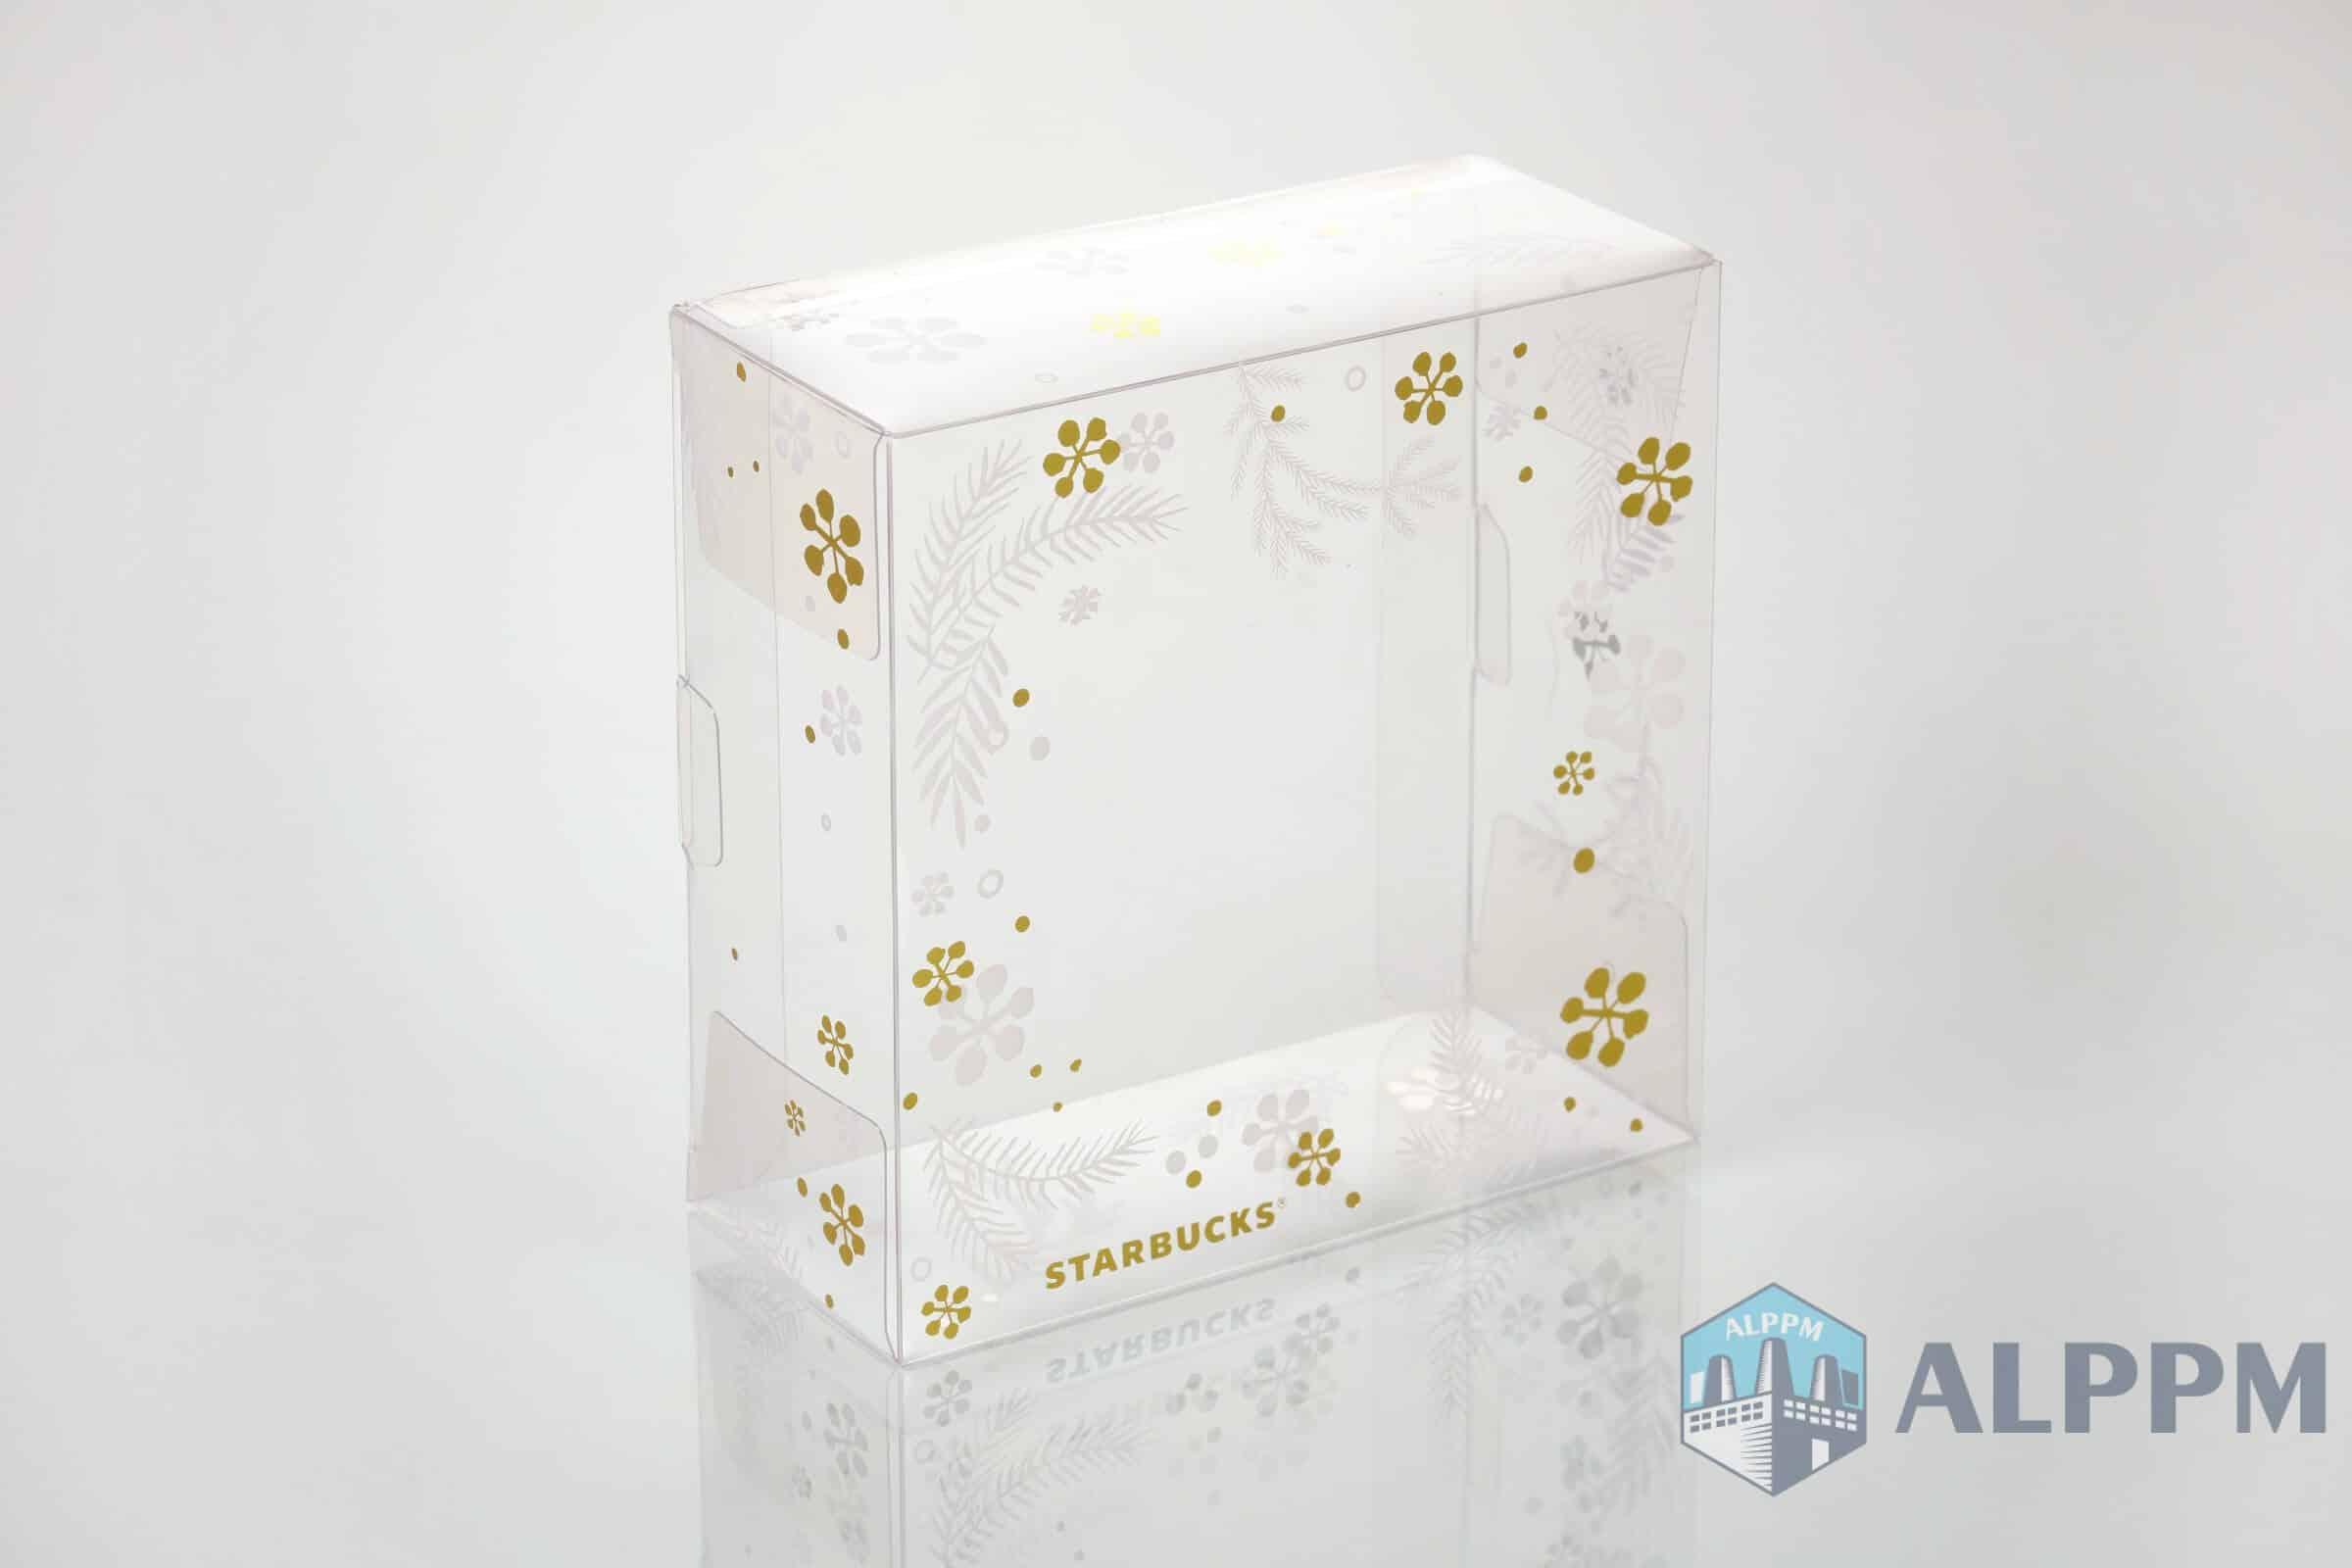 スターバックス用の透明なプラスチック製ギフトボックス